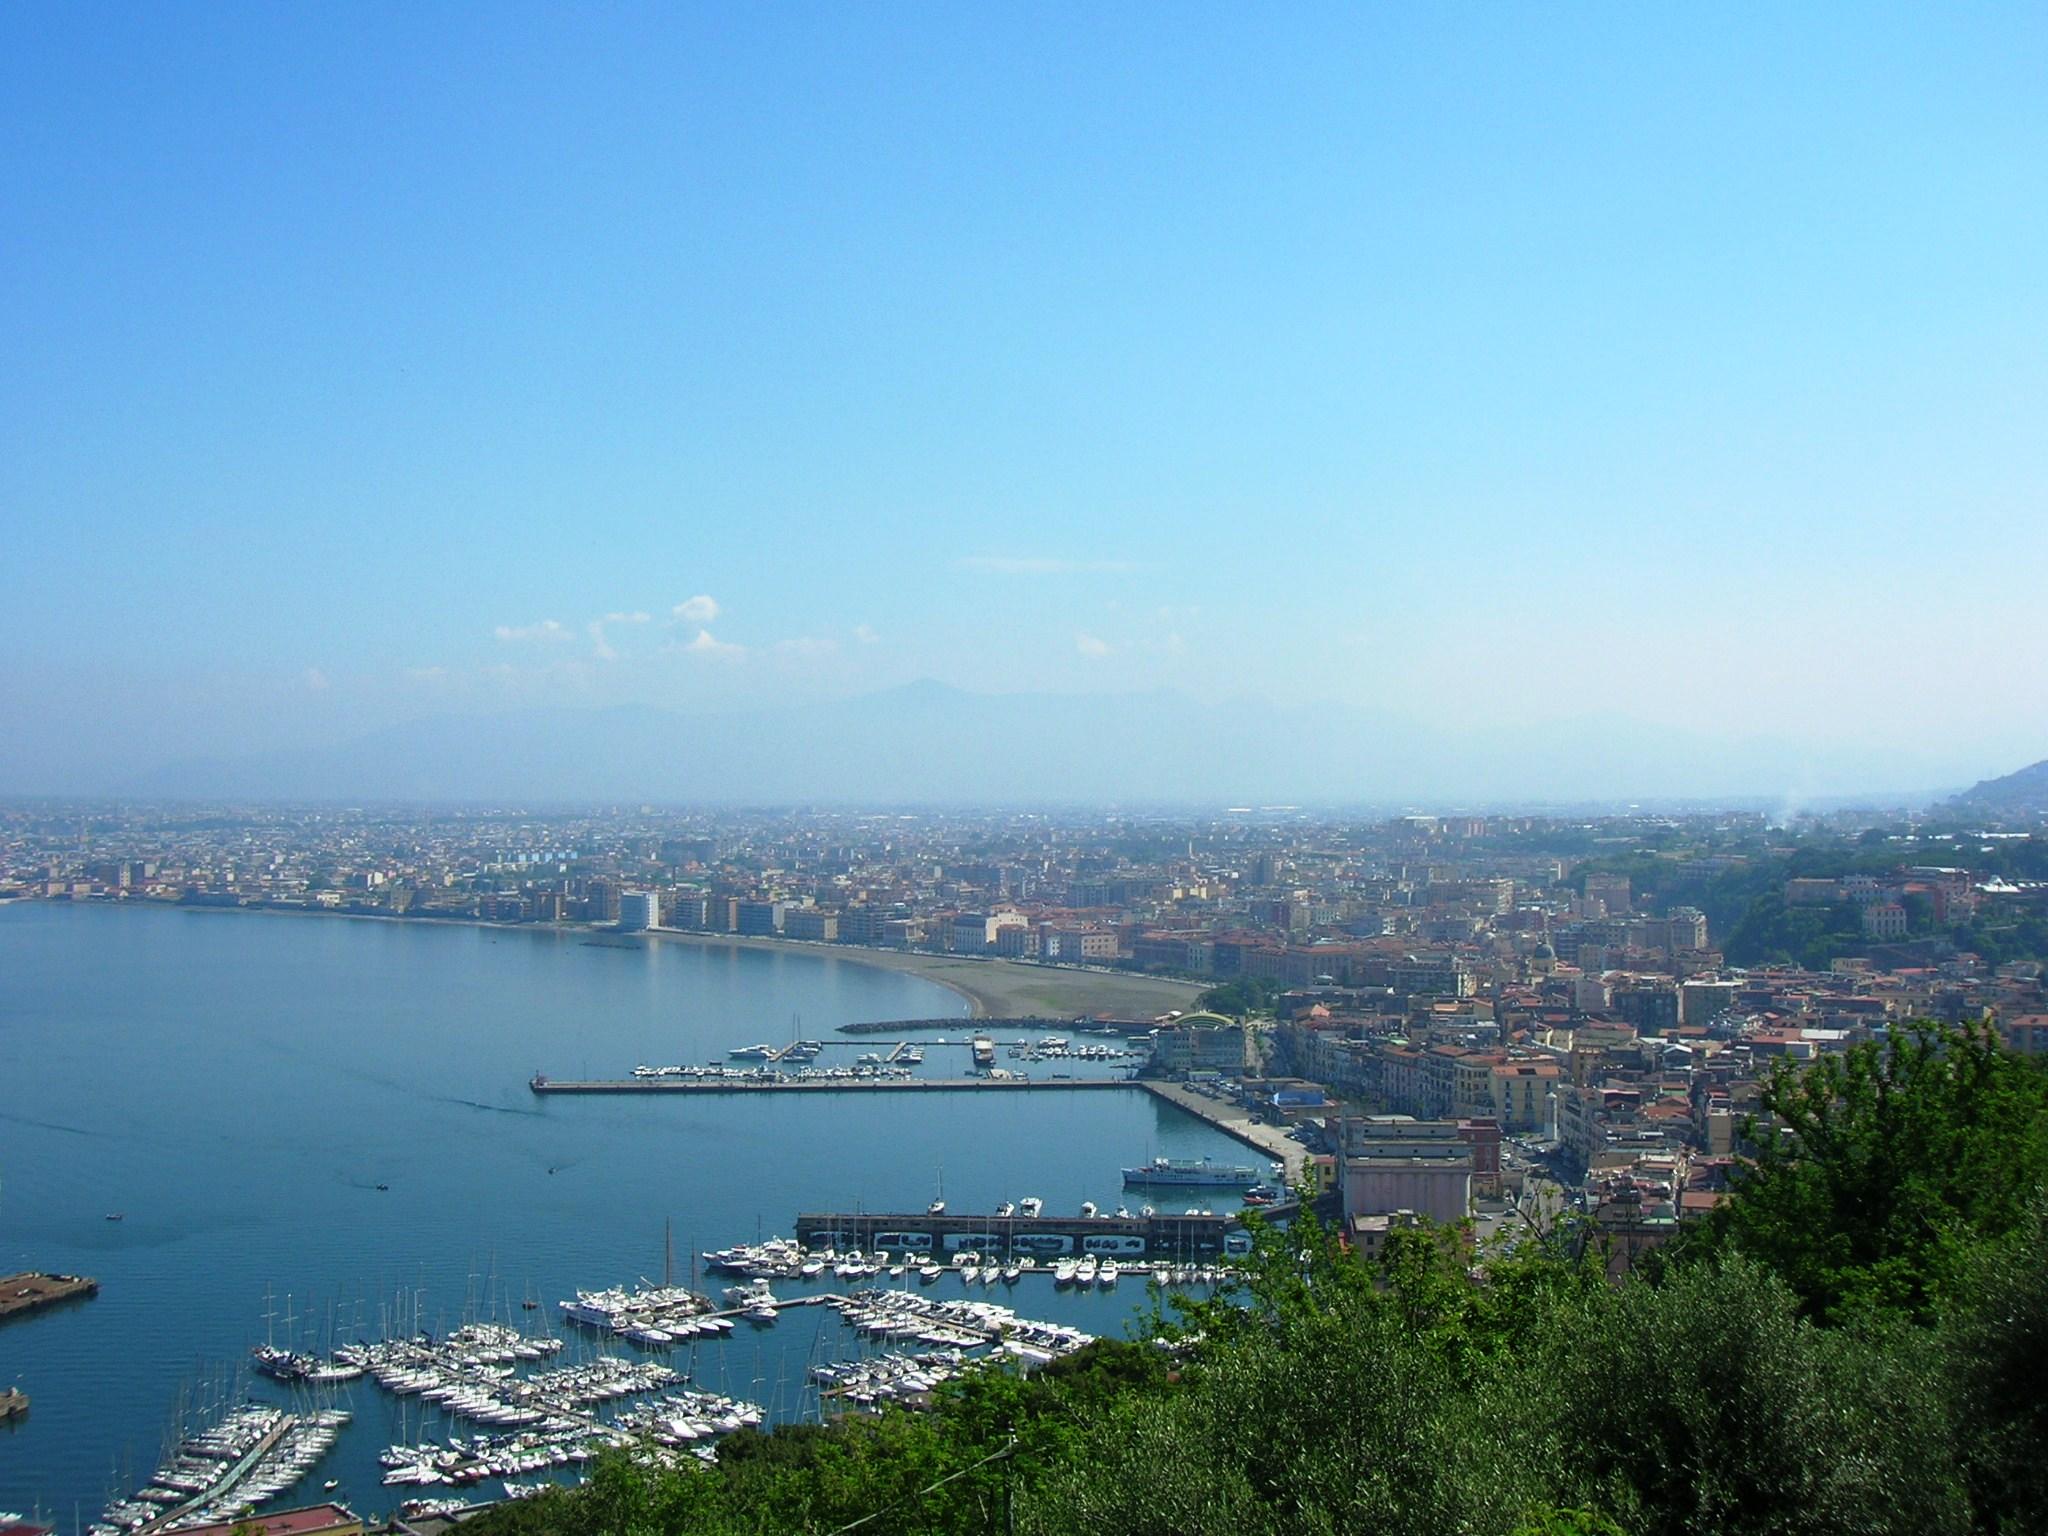 Noleggio Barche Castellammare di Stabia - Navalia | Noleggia un Sogno